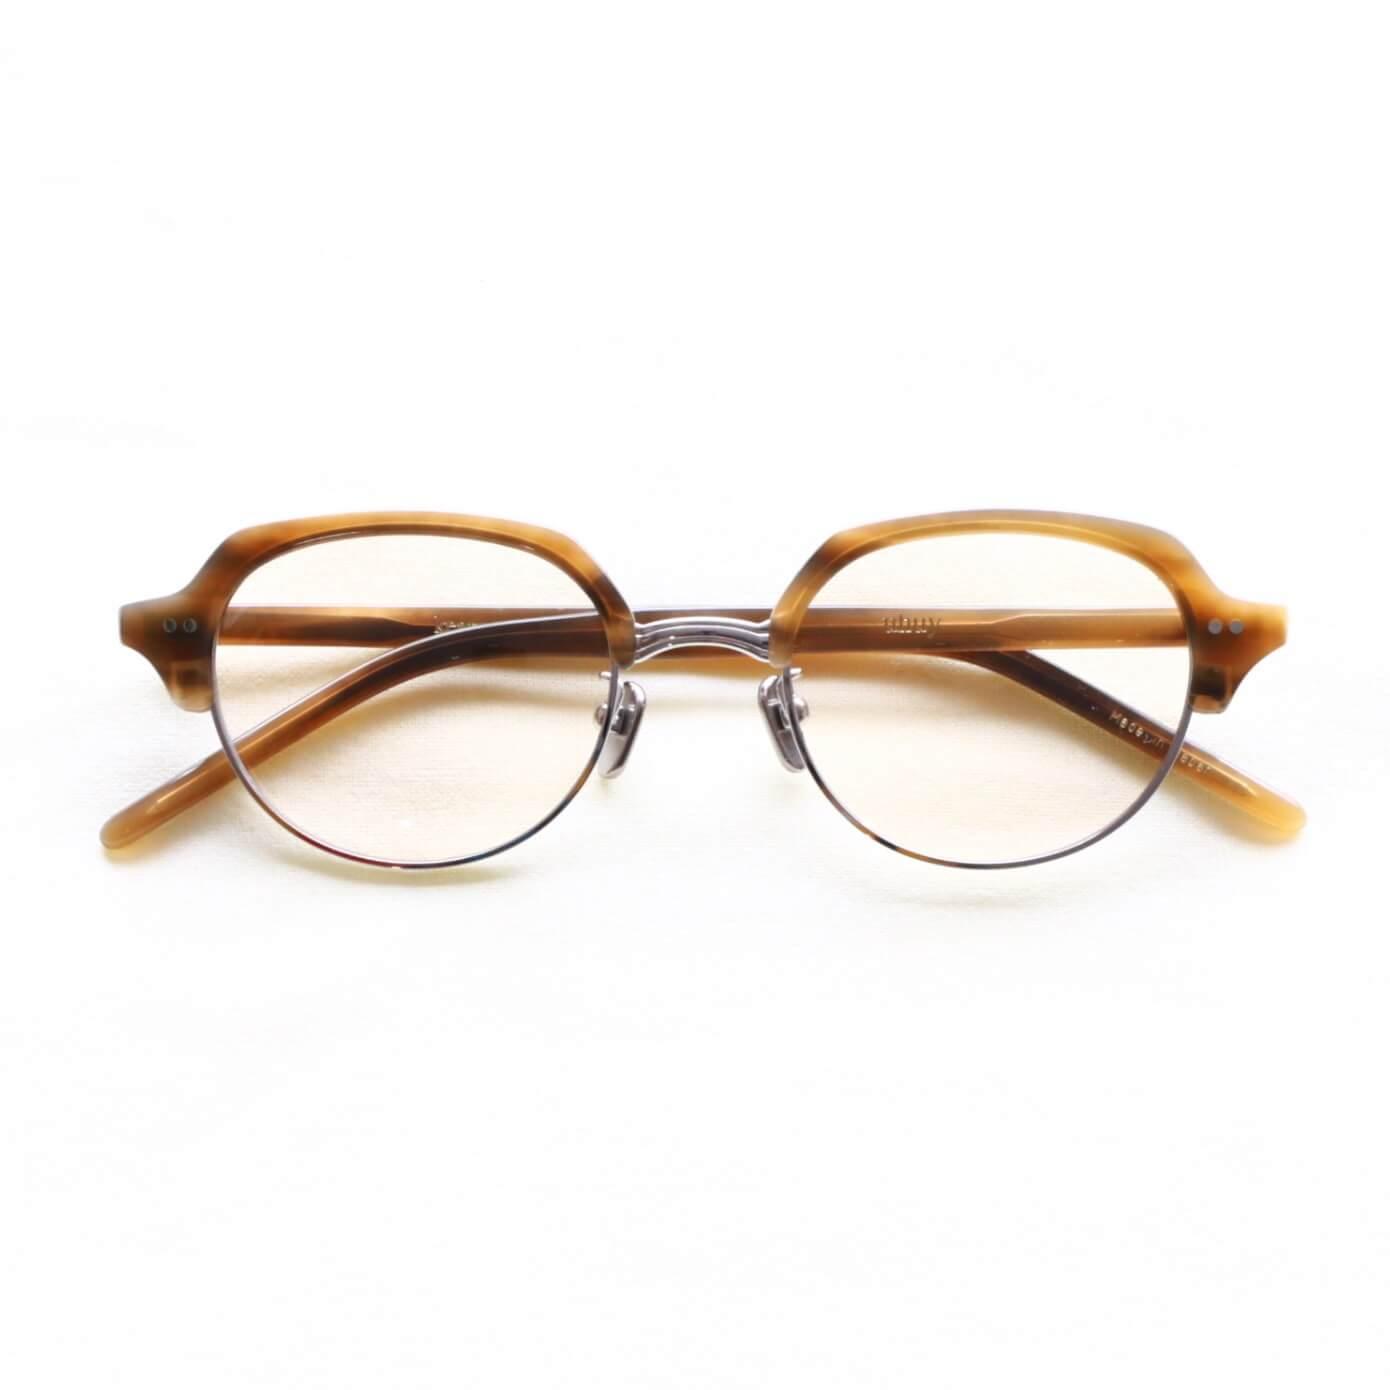 セルロイド眼鏡 kearny カーニー uhuy ウヒュイ